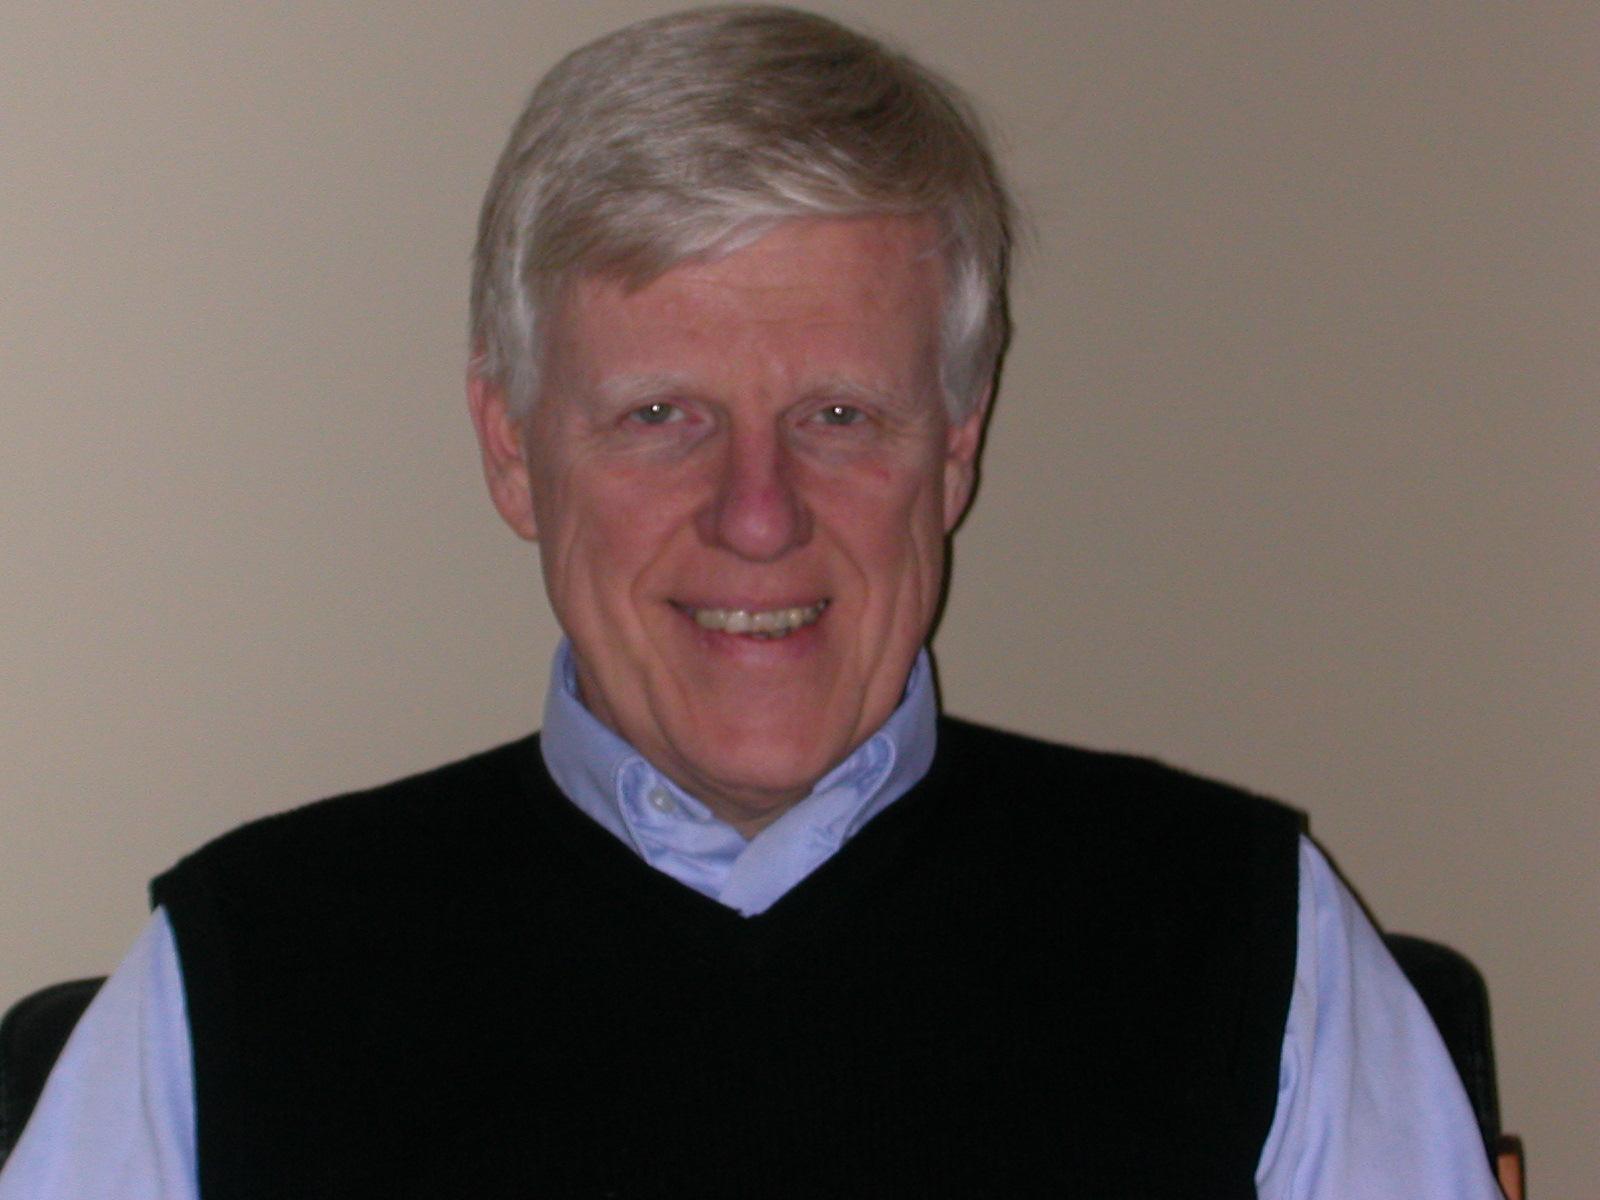 Paul A. Tieman, D.Min., LCPC, LMFT